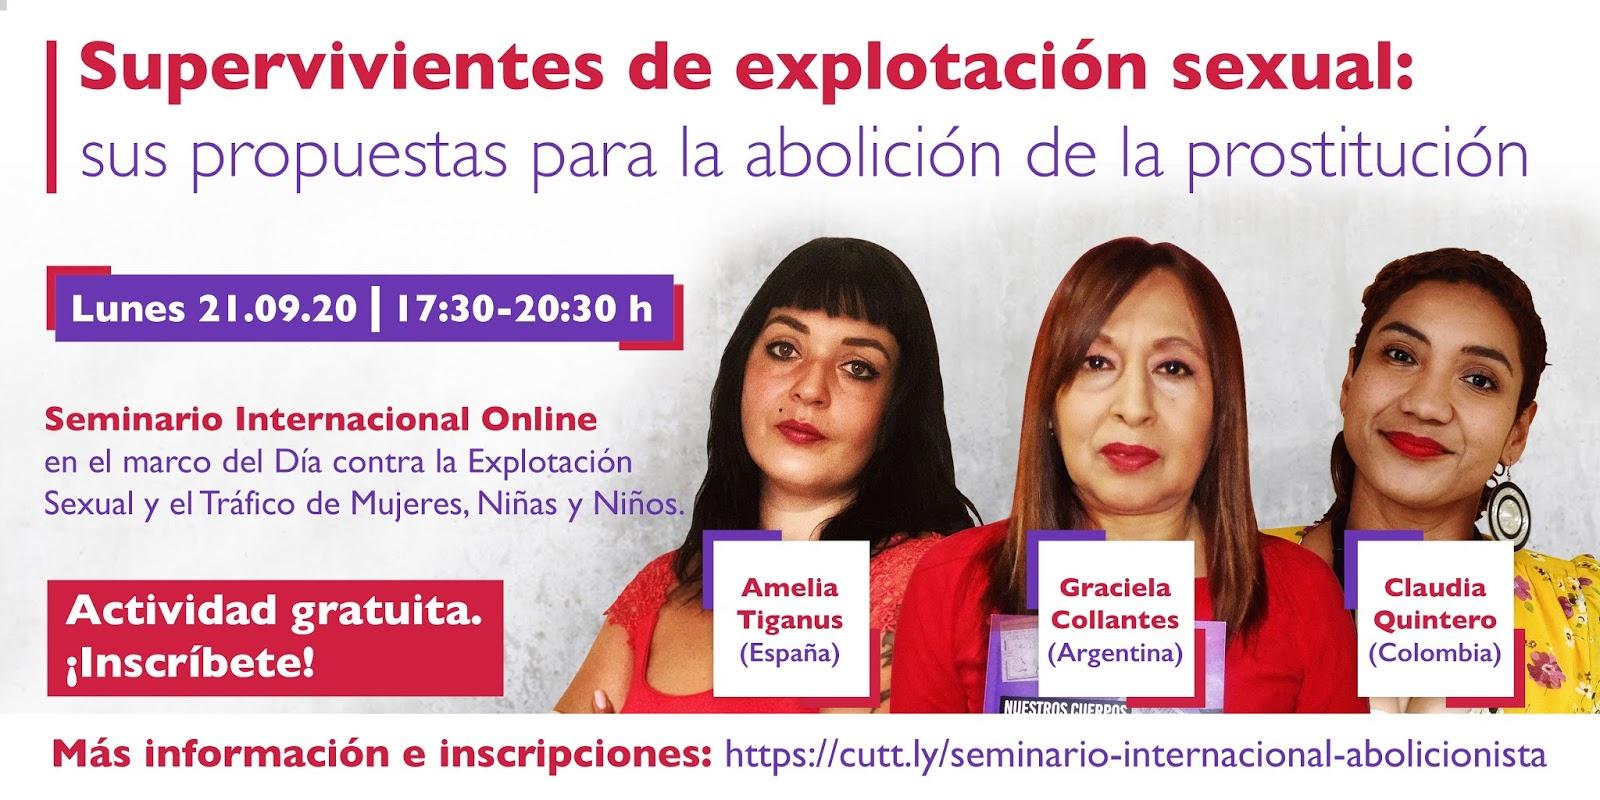 Abolicionista Del Porno seminario. supervivientes de explotaci�n sexual | front